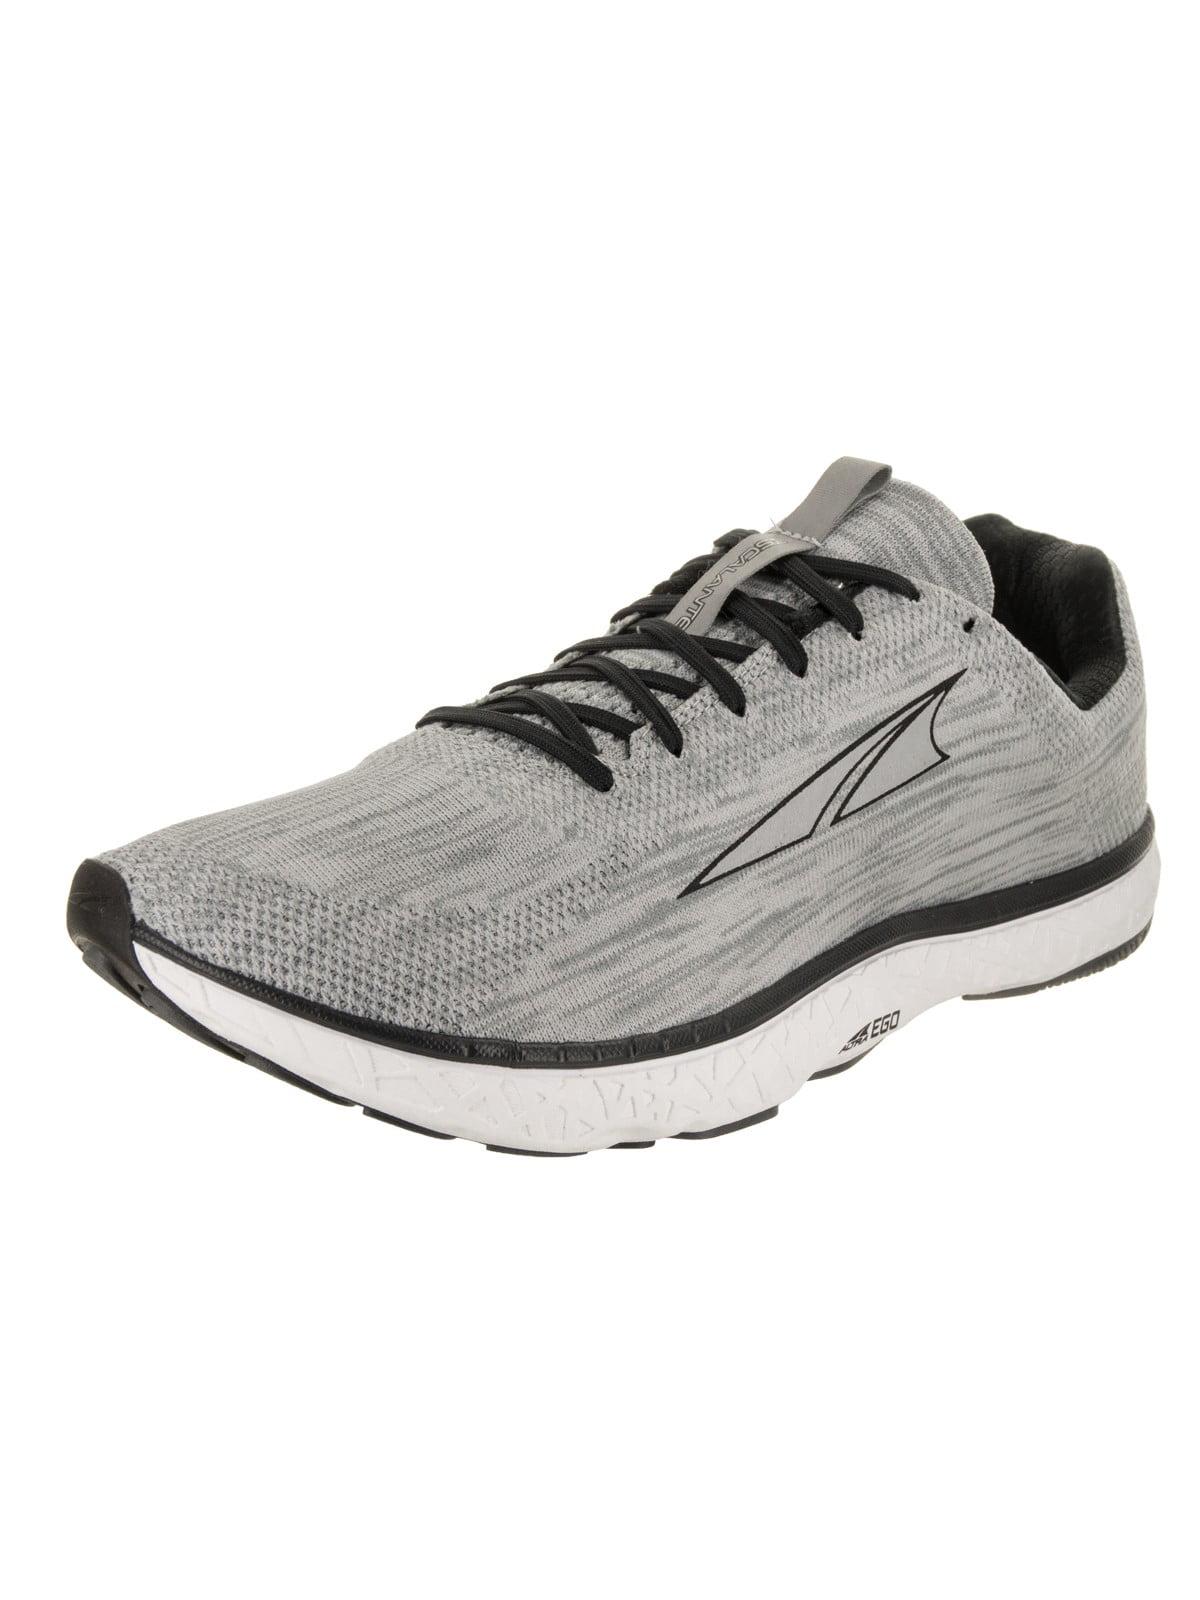 super popular 426b4 b83fc Altra Men's Escalante 1.5 Running Shoe